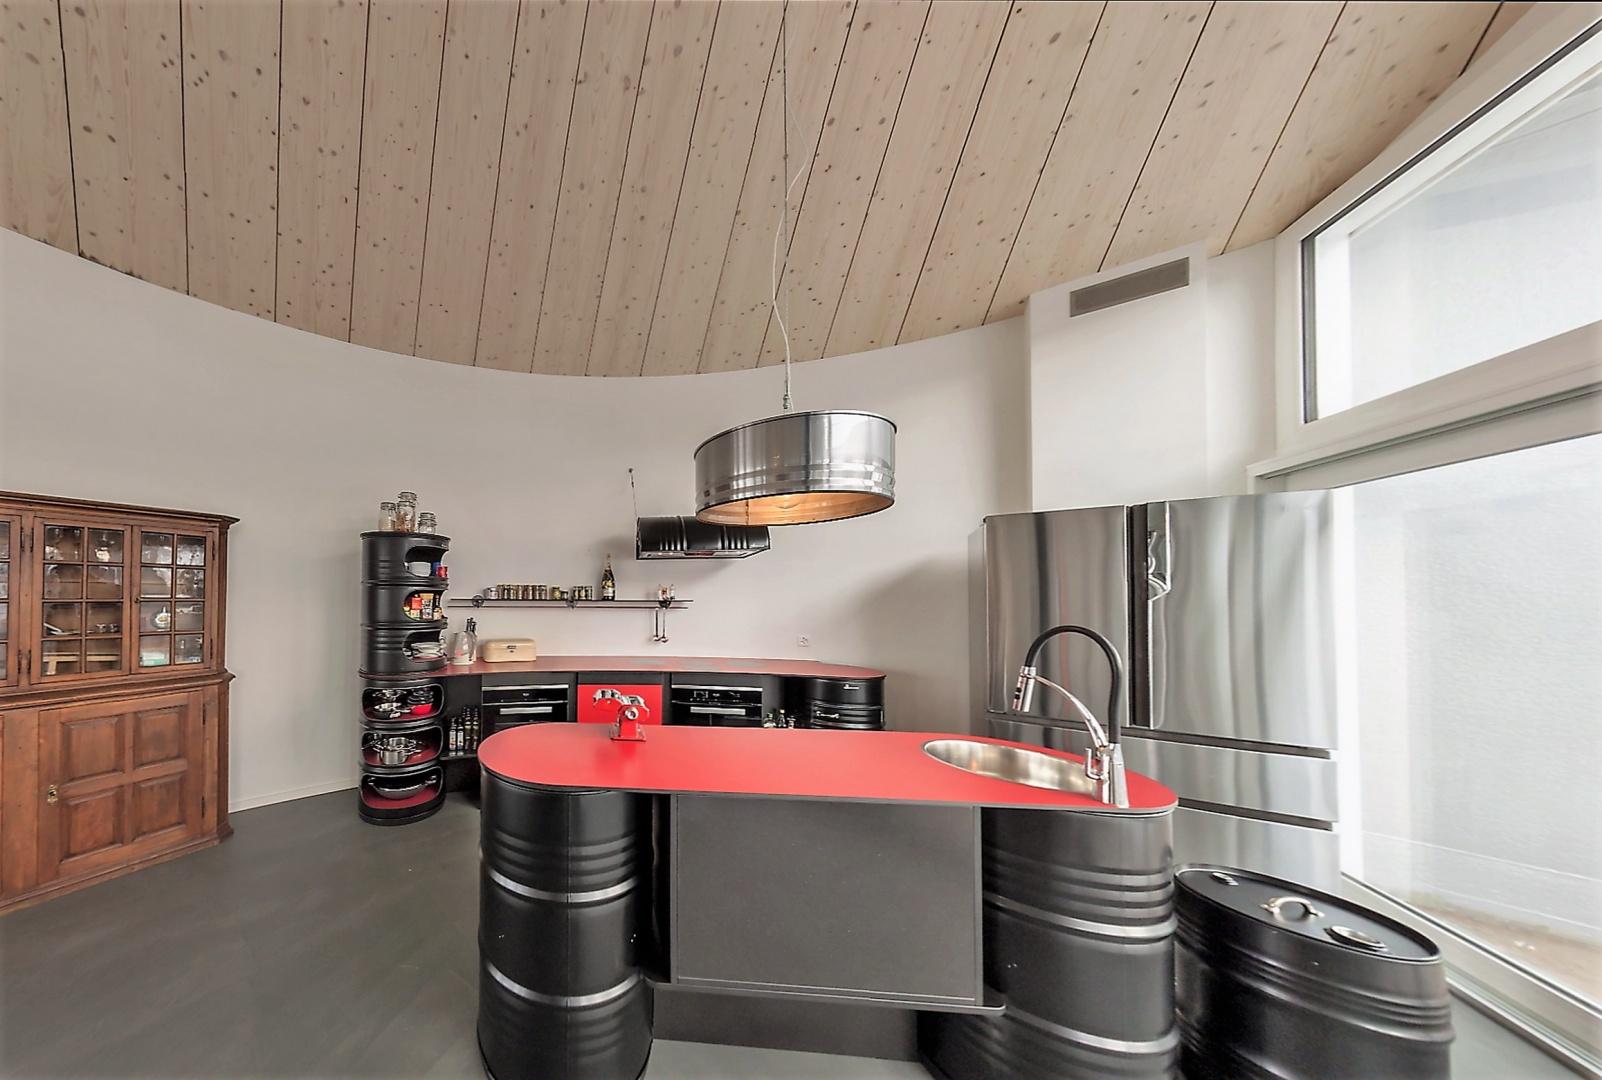 Fassküche Dachgeschoss © Beat Schaer